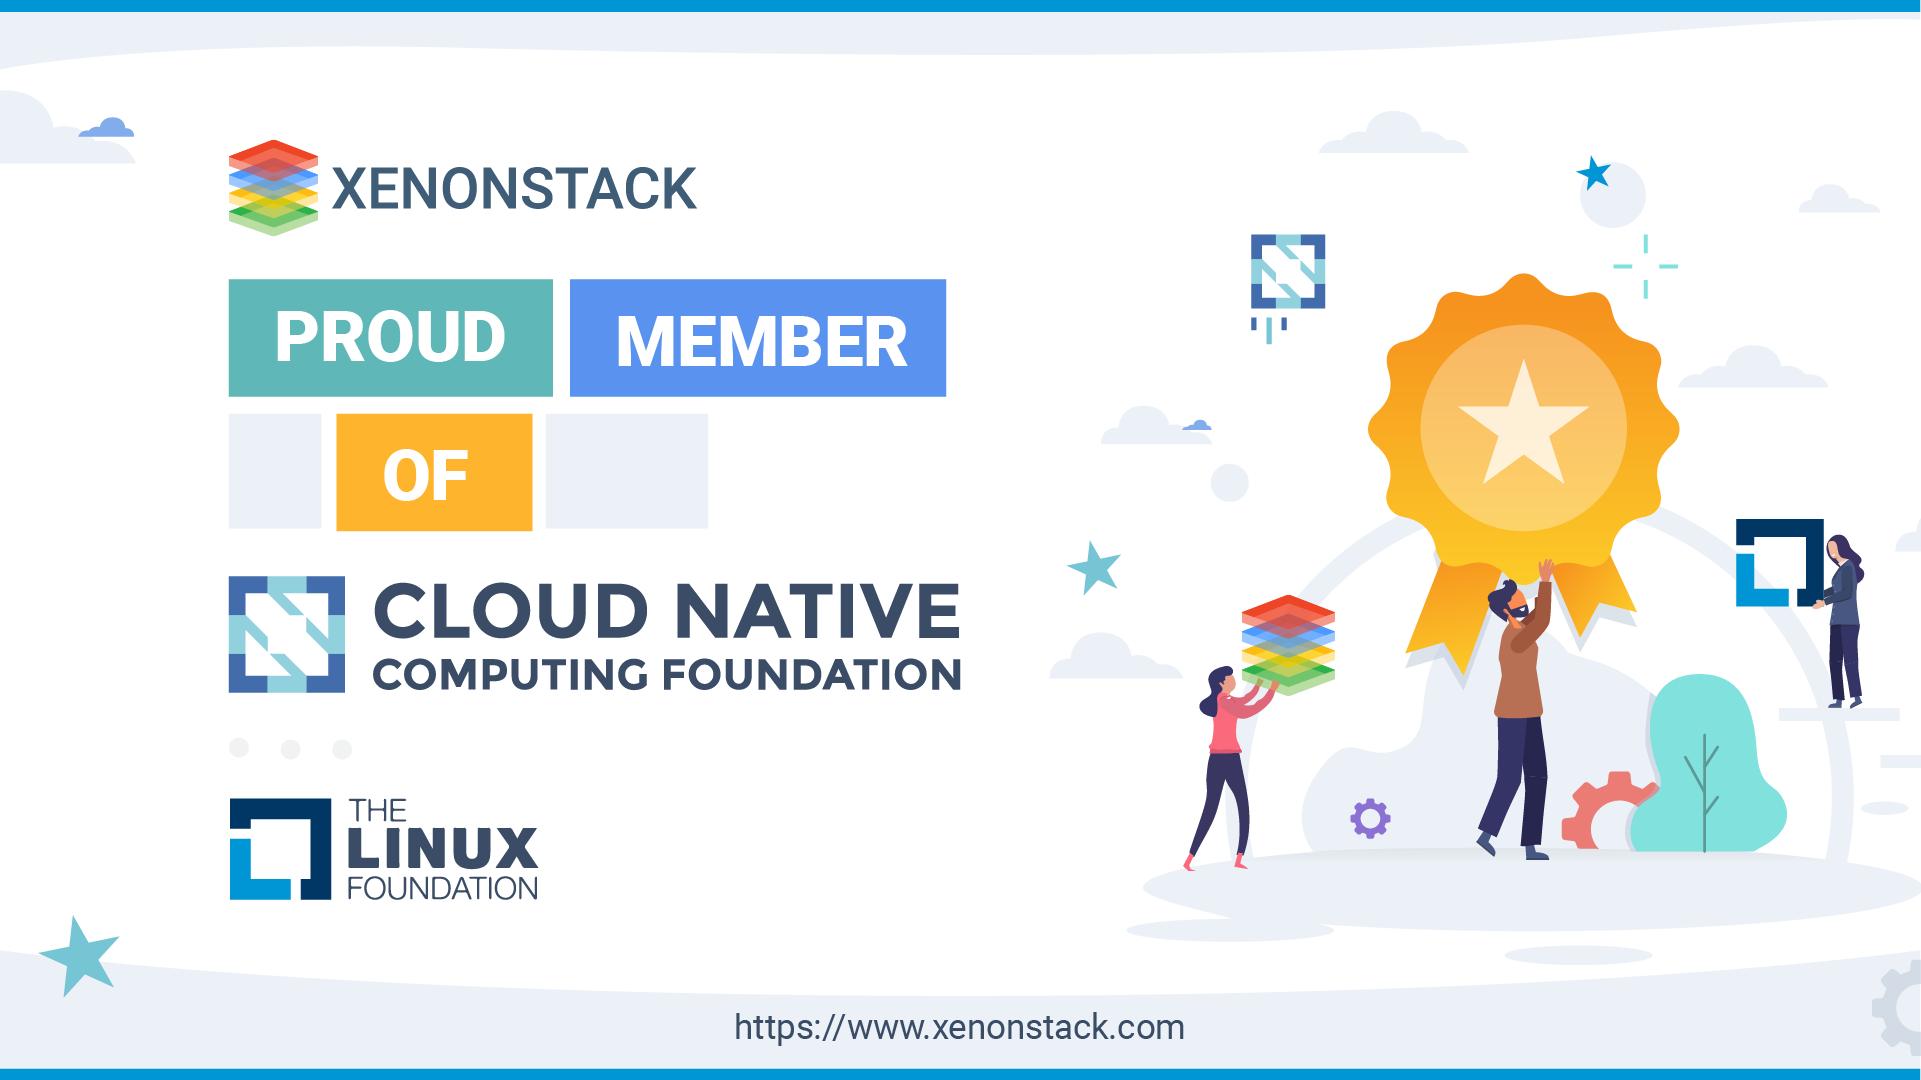 XenonStack CNCF and Linux Membership Image